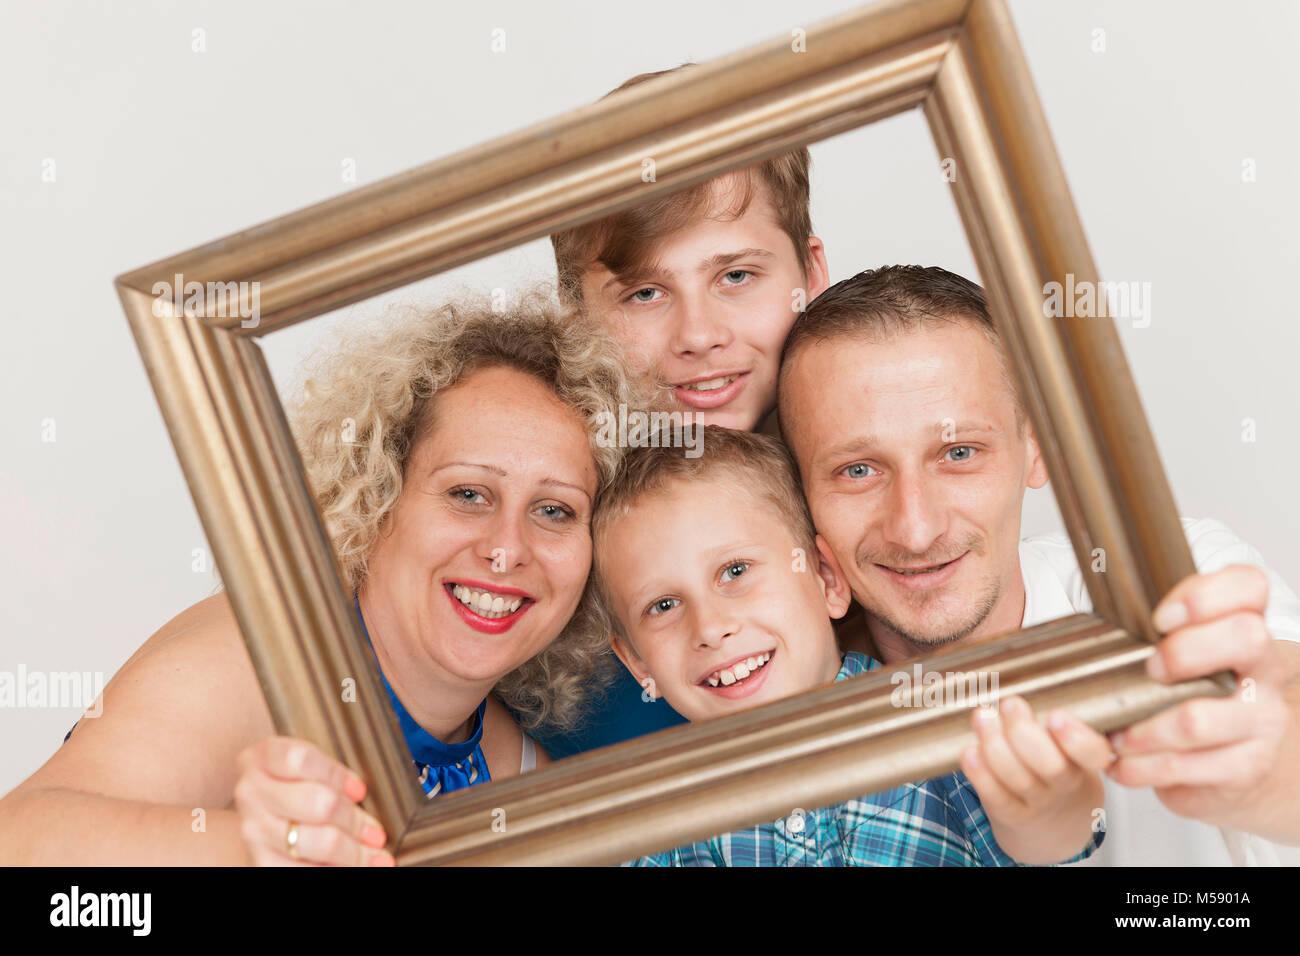 Retratos de cabeza y hombros de una joven familia con el padre, la ...